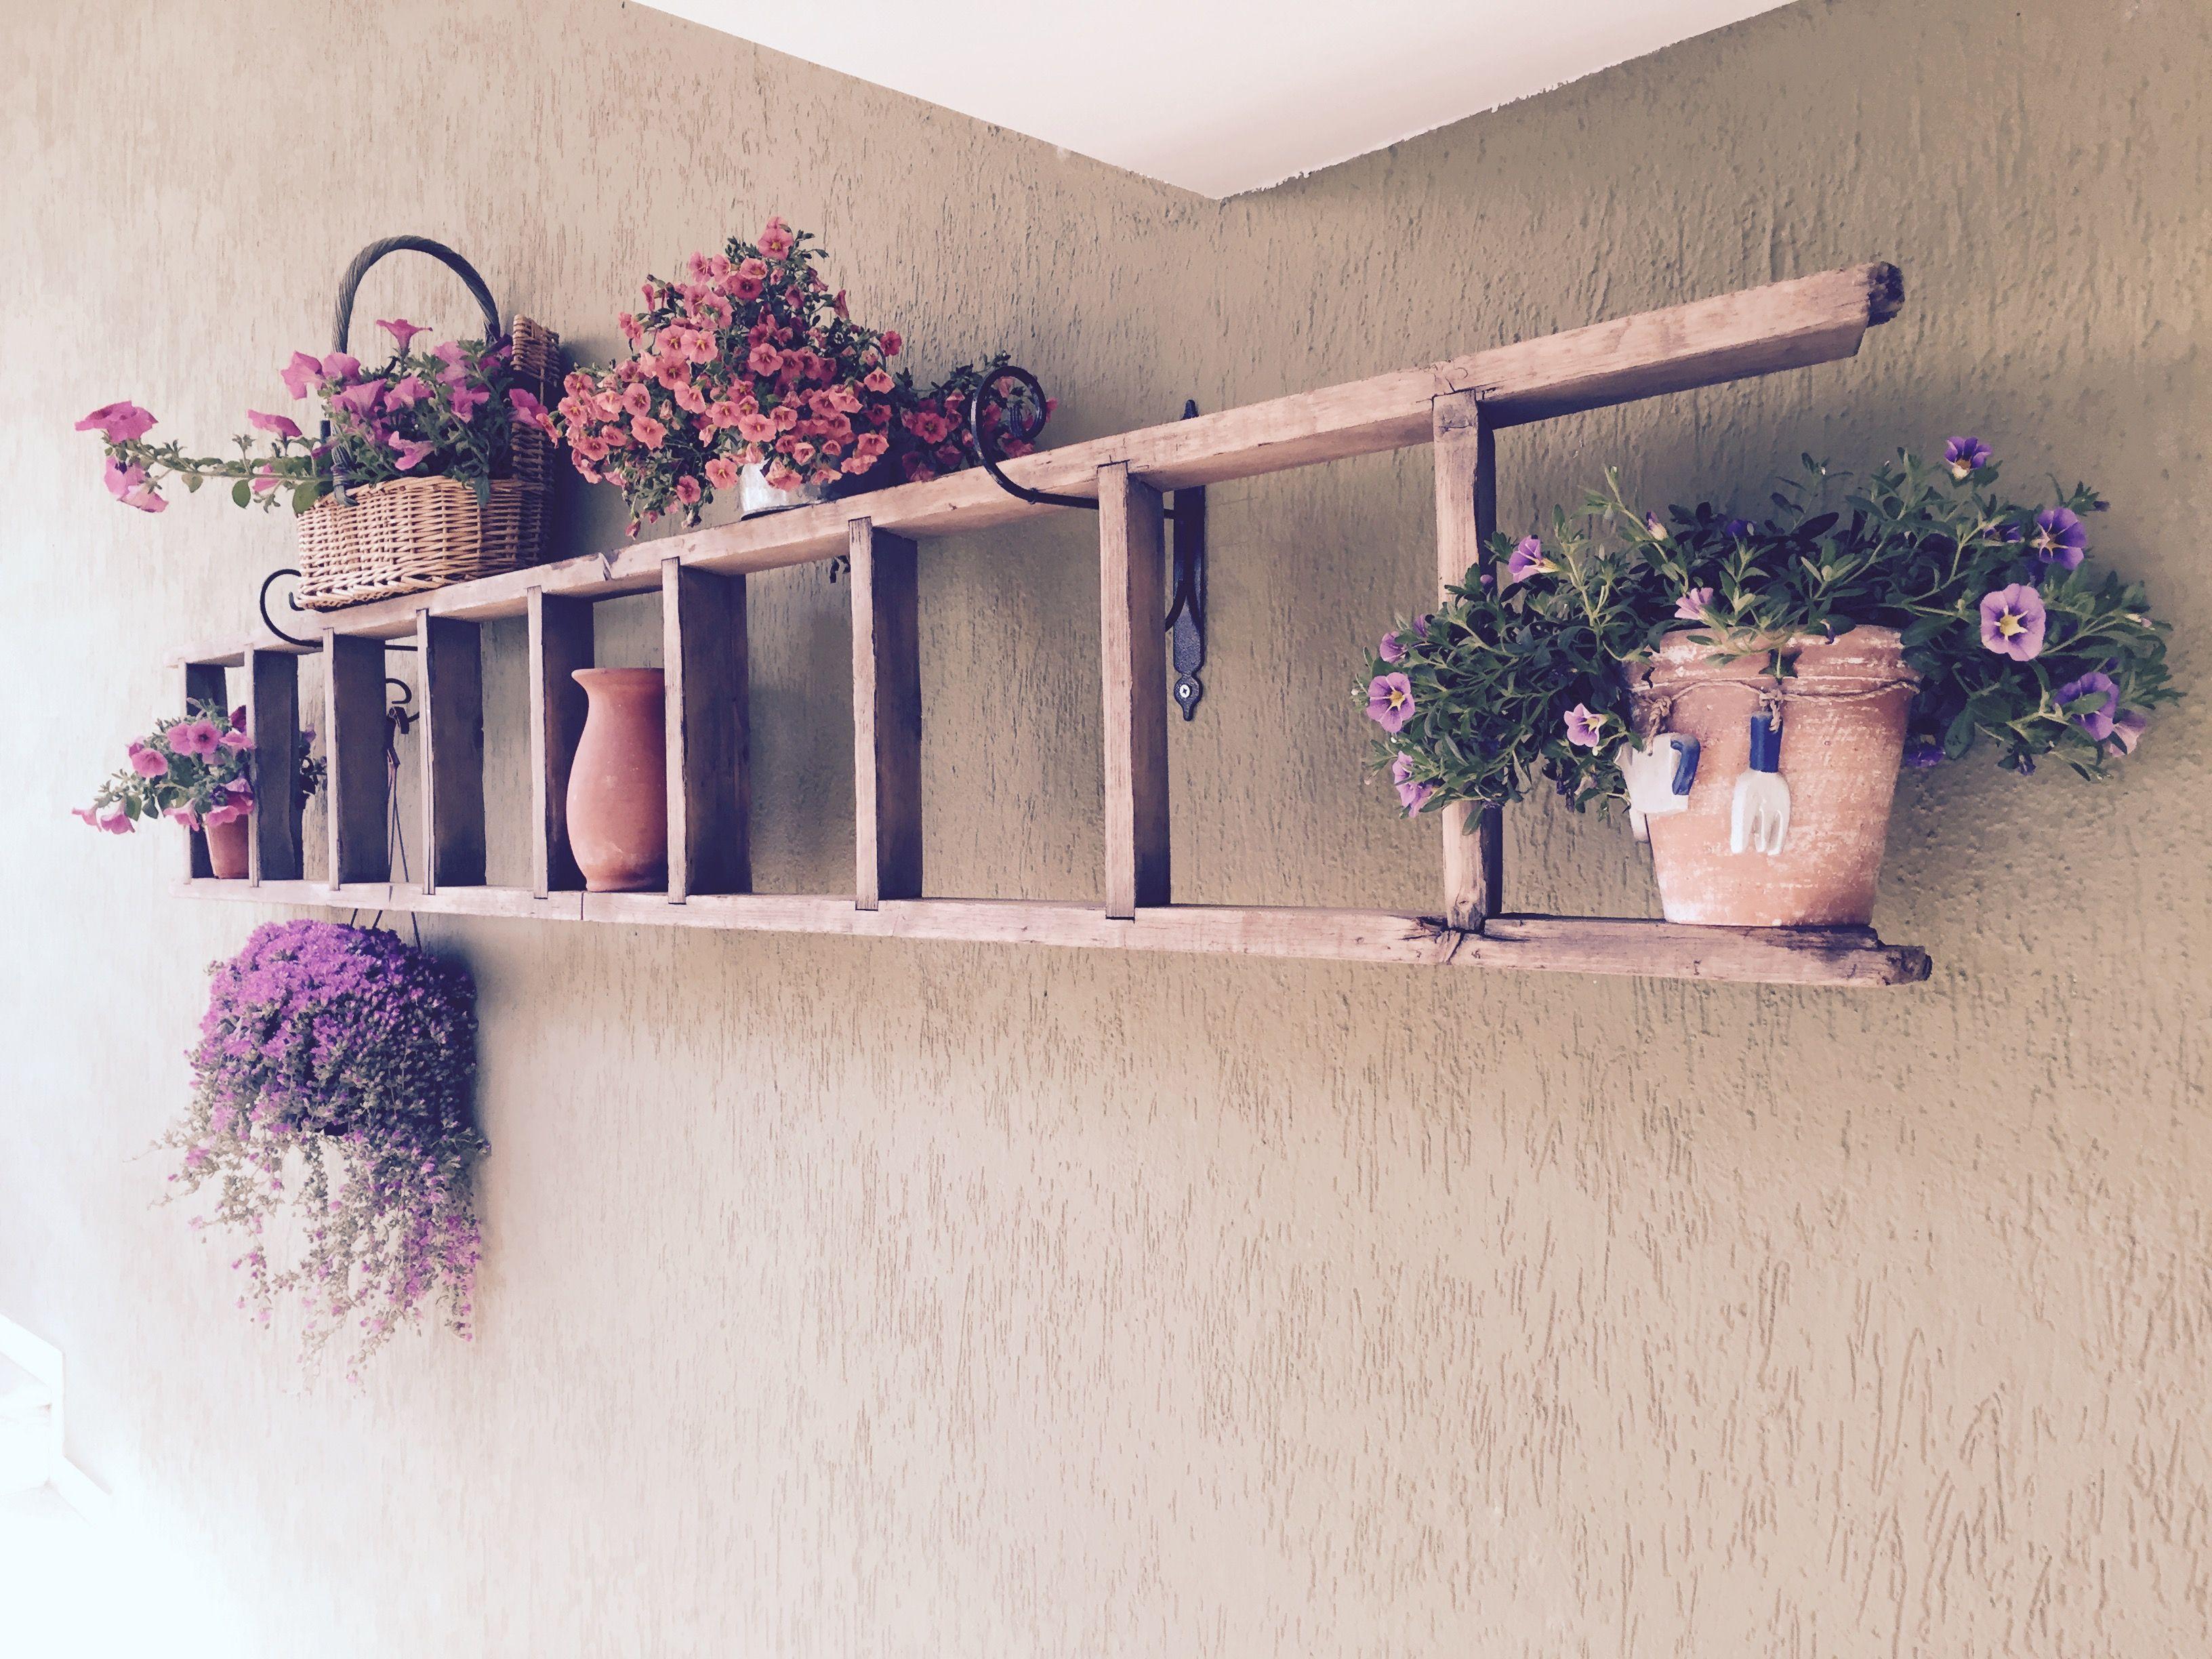 Scala Di Legno Decorativa riutilizzo e recupero di una vecchia scala di legno